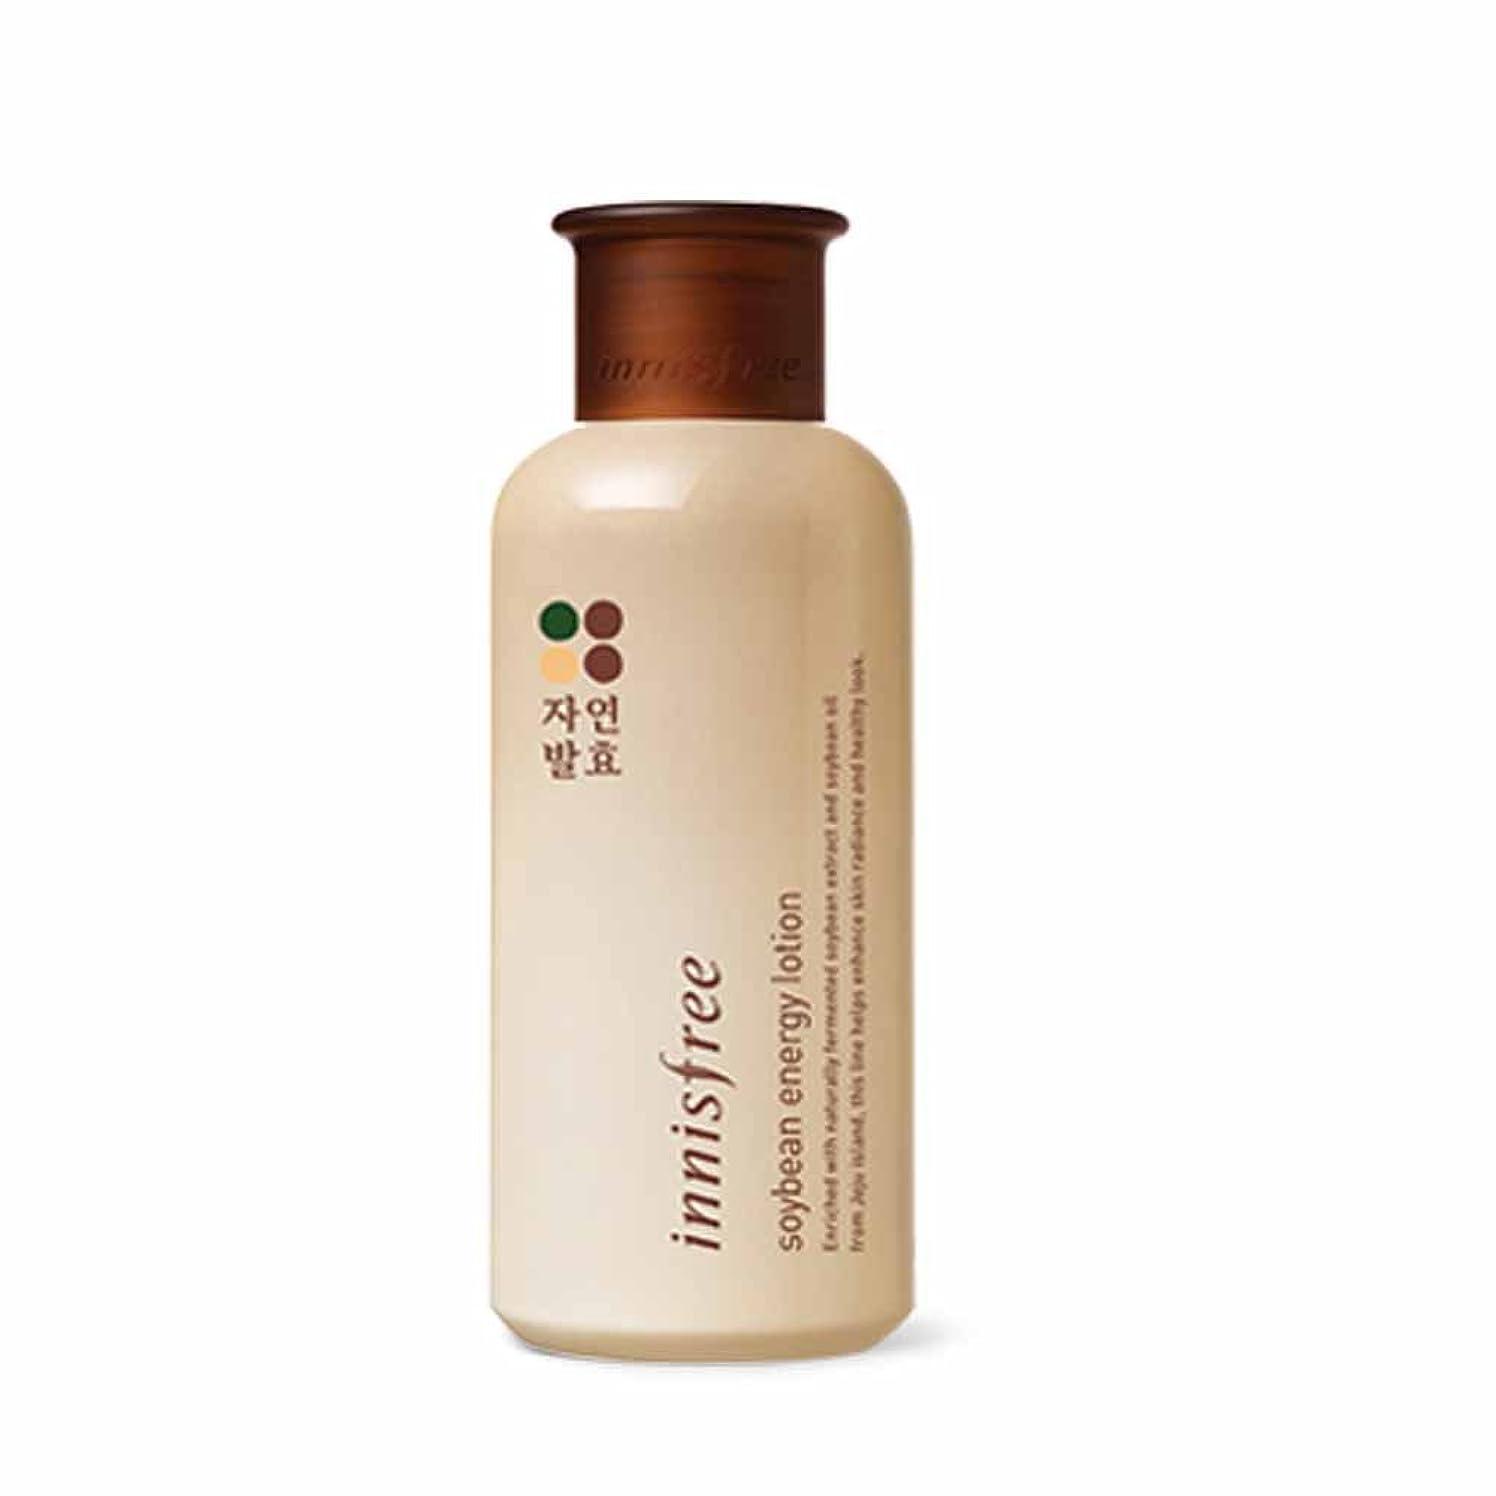 喉が渇いた公然と予感イニスフリーソイビーンエナジースキン(トナー)200ml / Innisfree Soybean Energy Skin(Toner) 200ml[海外直送品][並行輸入品]